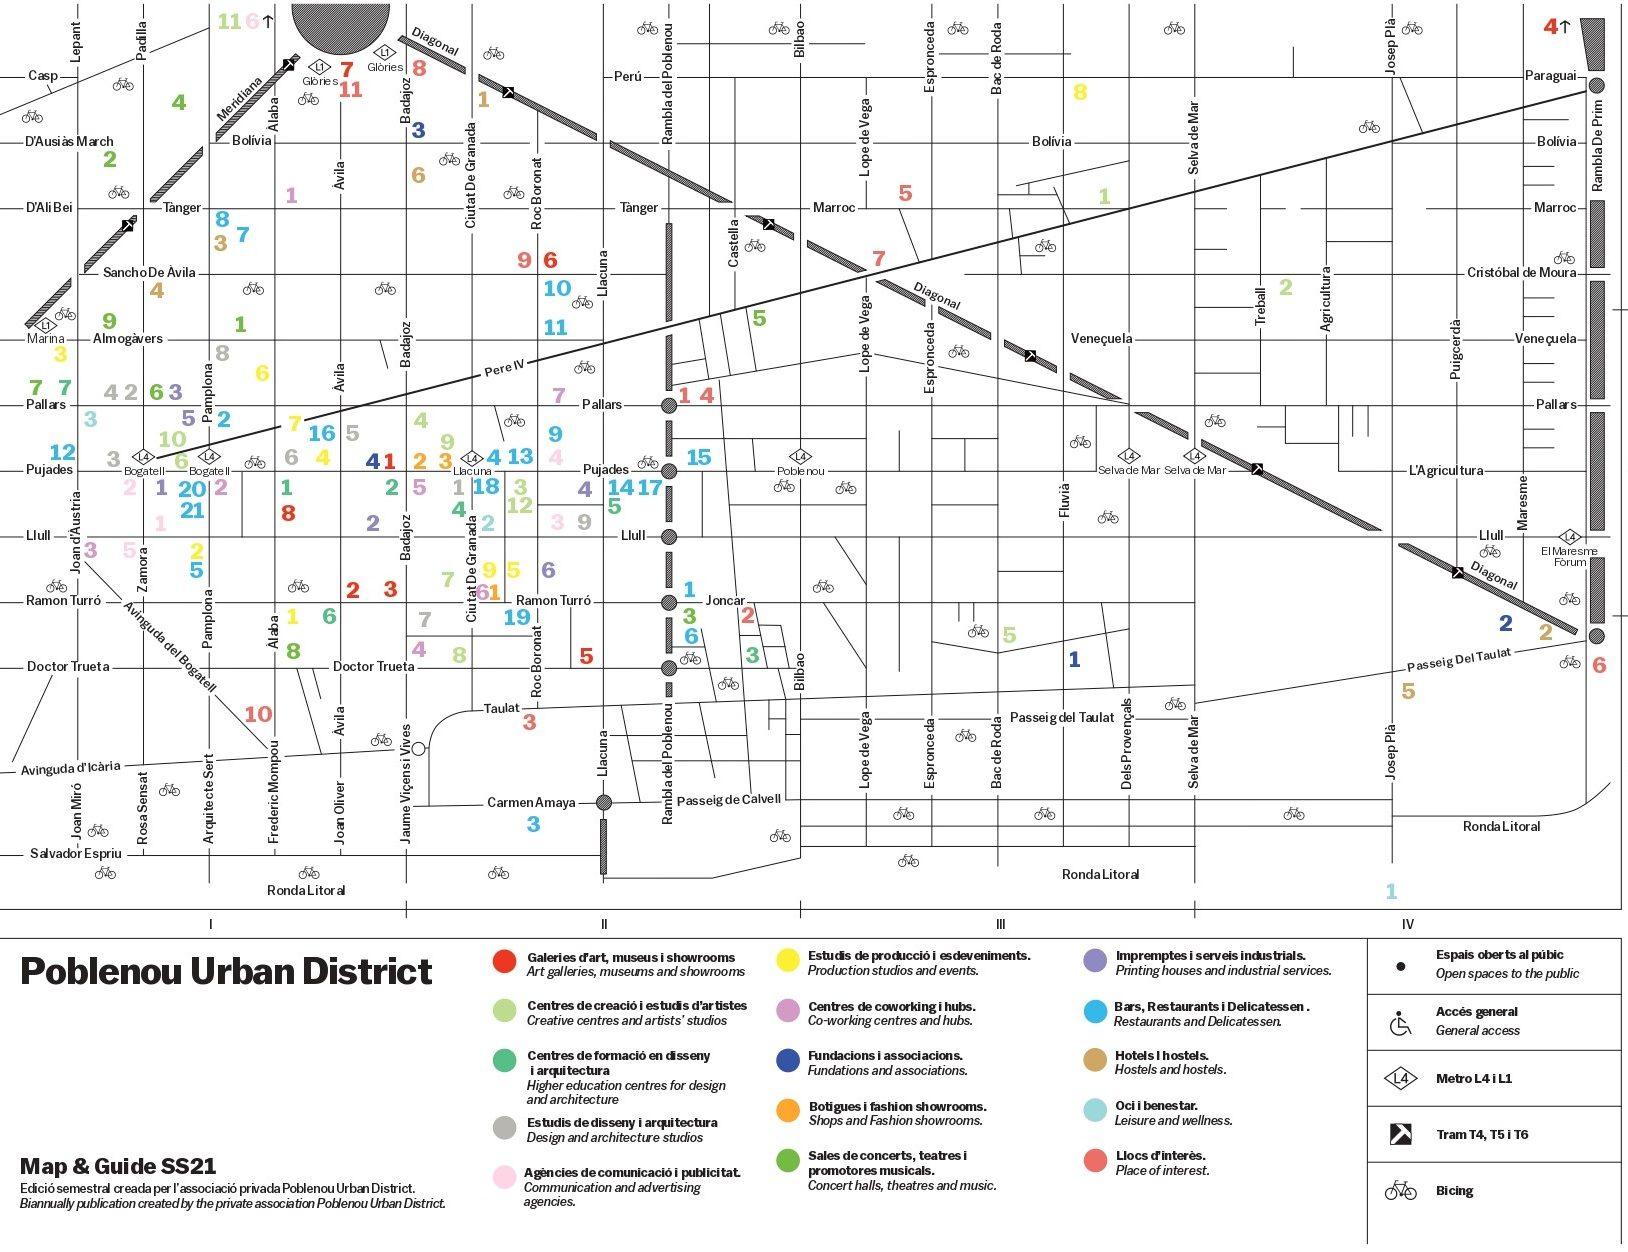 Mapa Poblenou Urban District